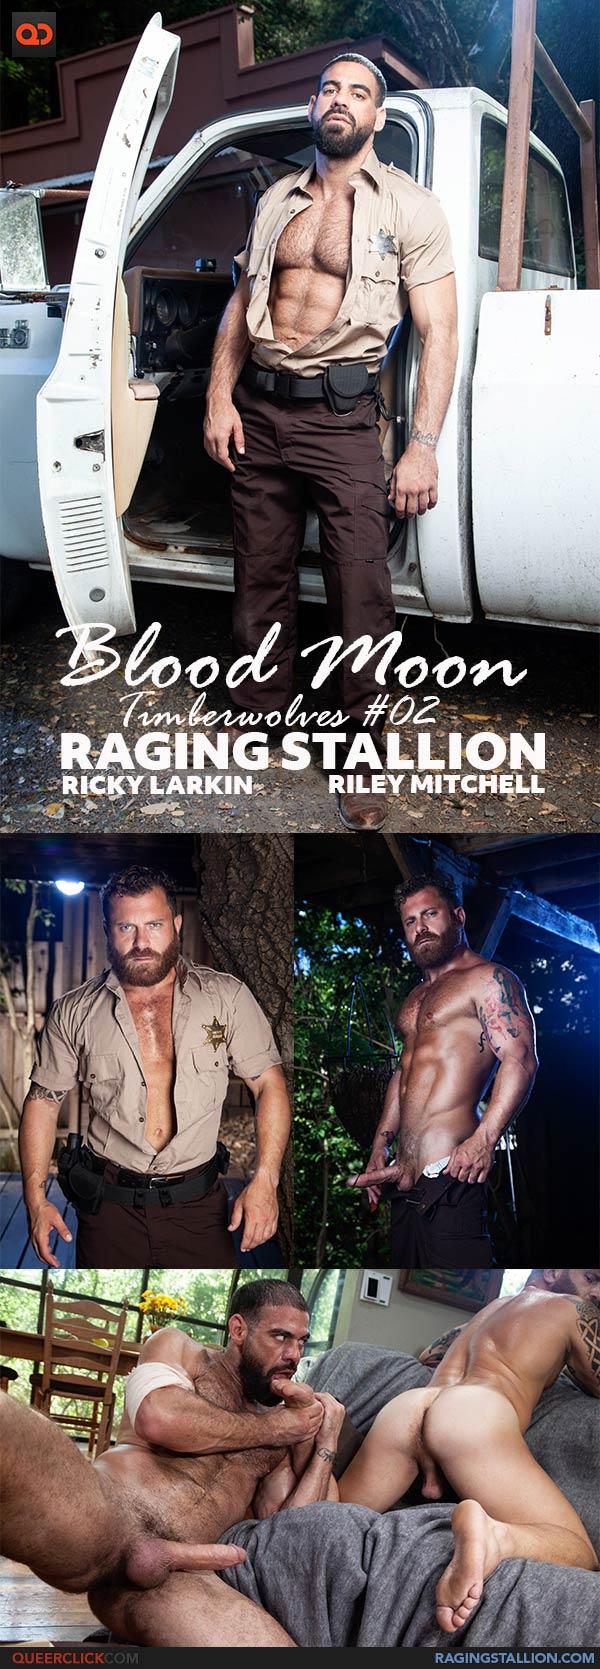 RagingStallion: Ricky Larkin and Riley Mitchell